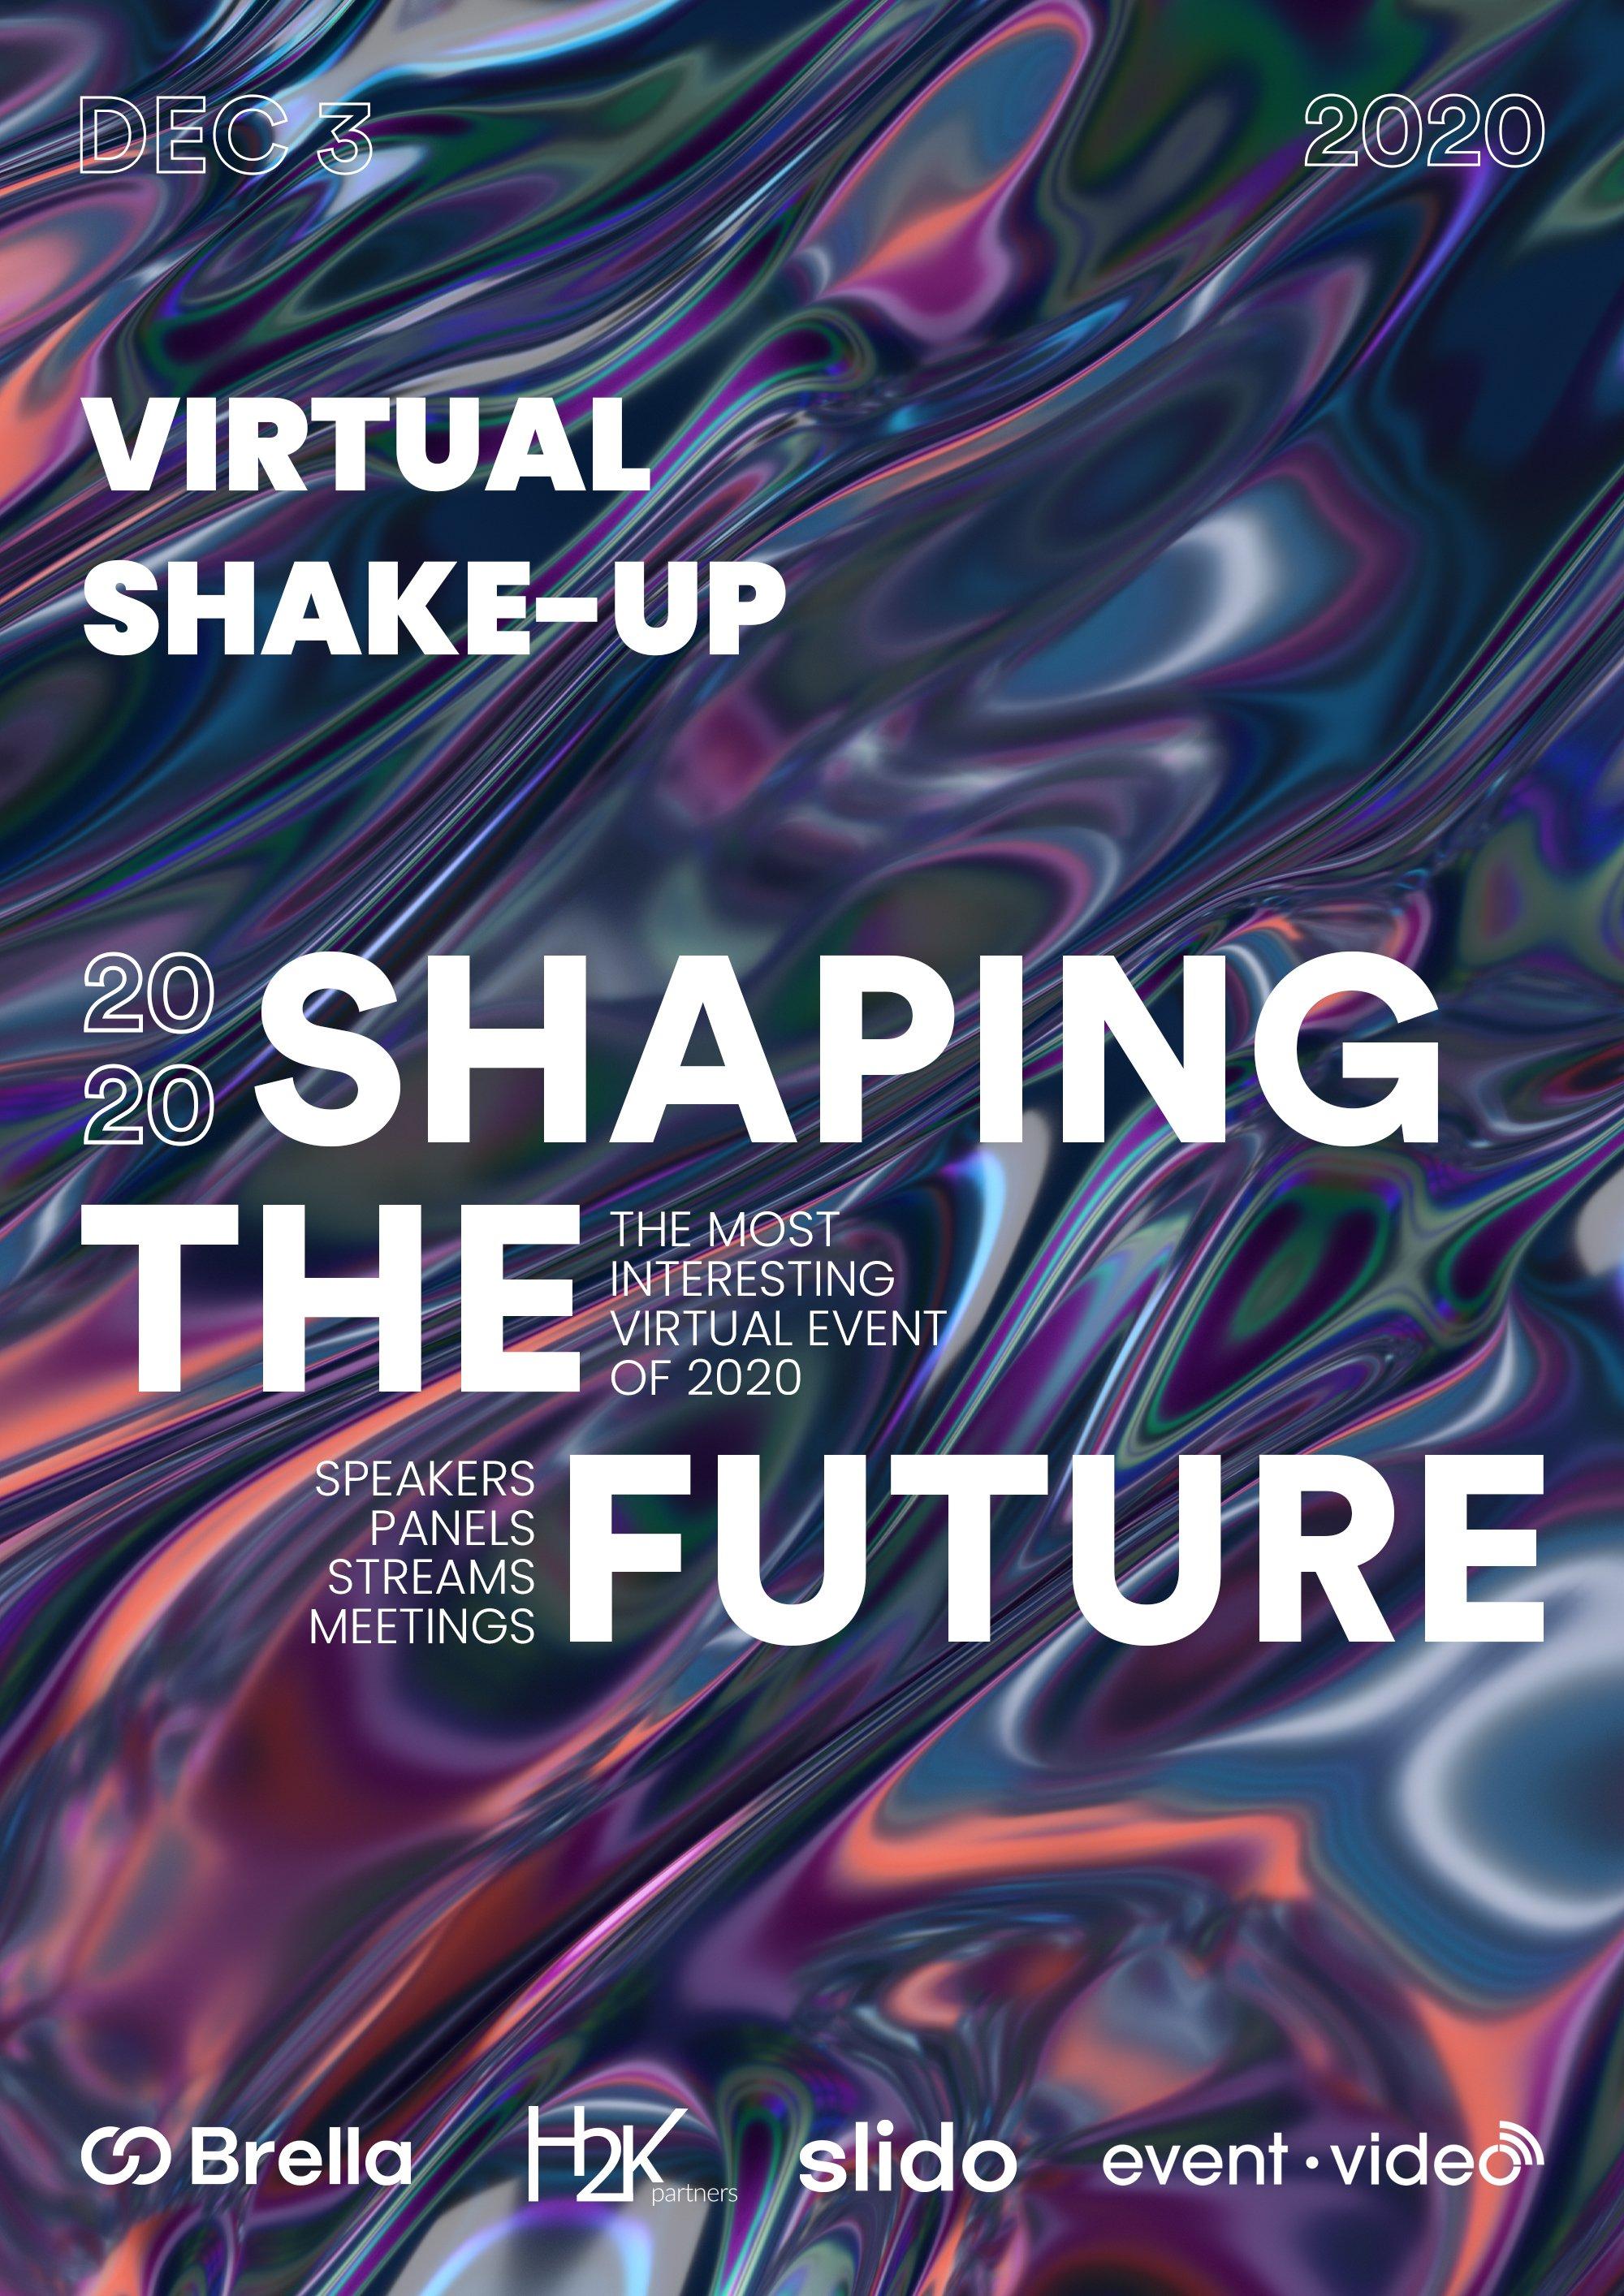 Virtual_Shake_Up_Poster_2 (1)